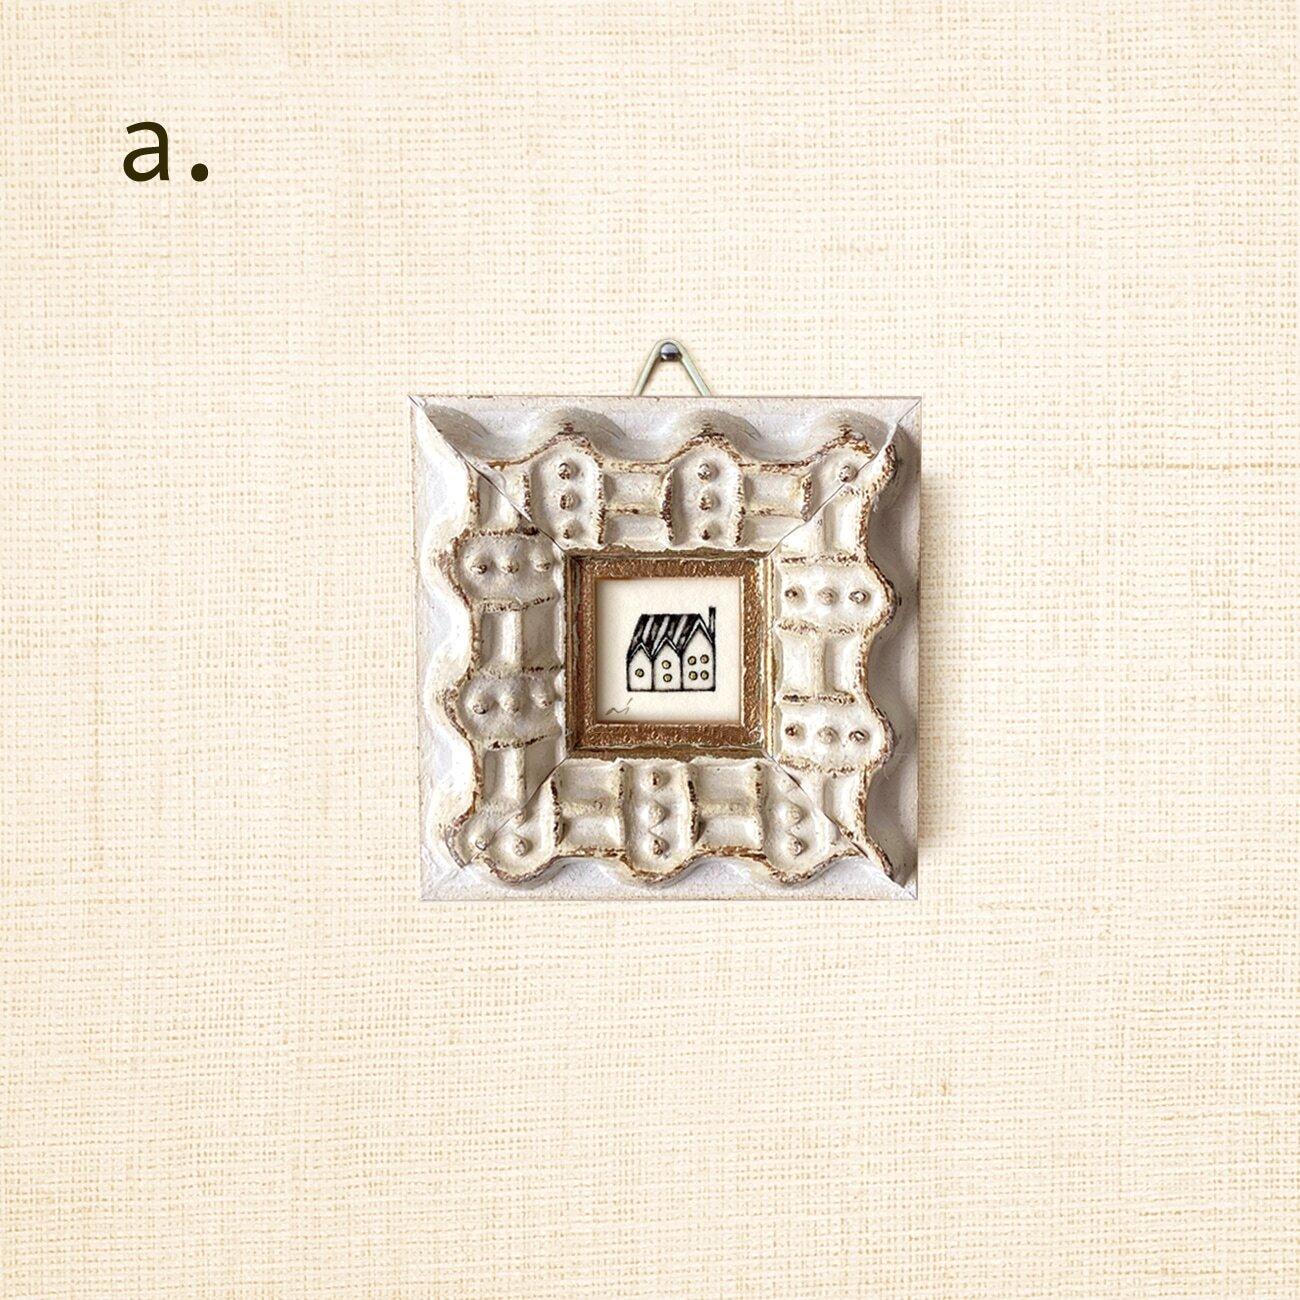 ミニ額縁 原画【 帰る場所 】ご注文者さま・額縁セレクト画像<a>-<p>